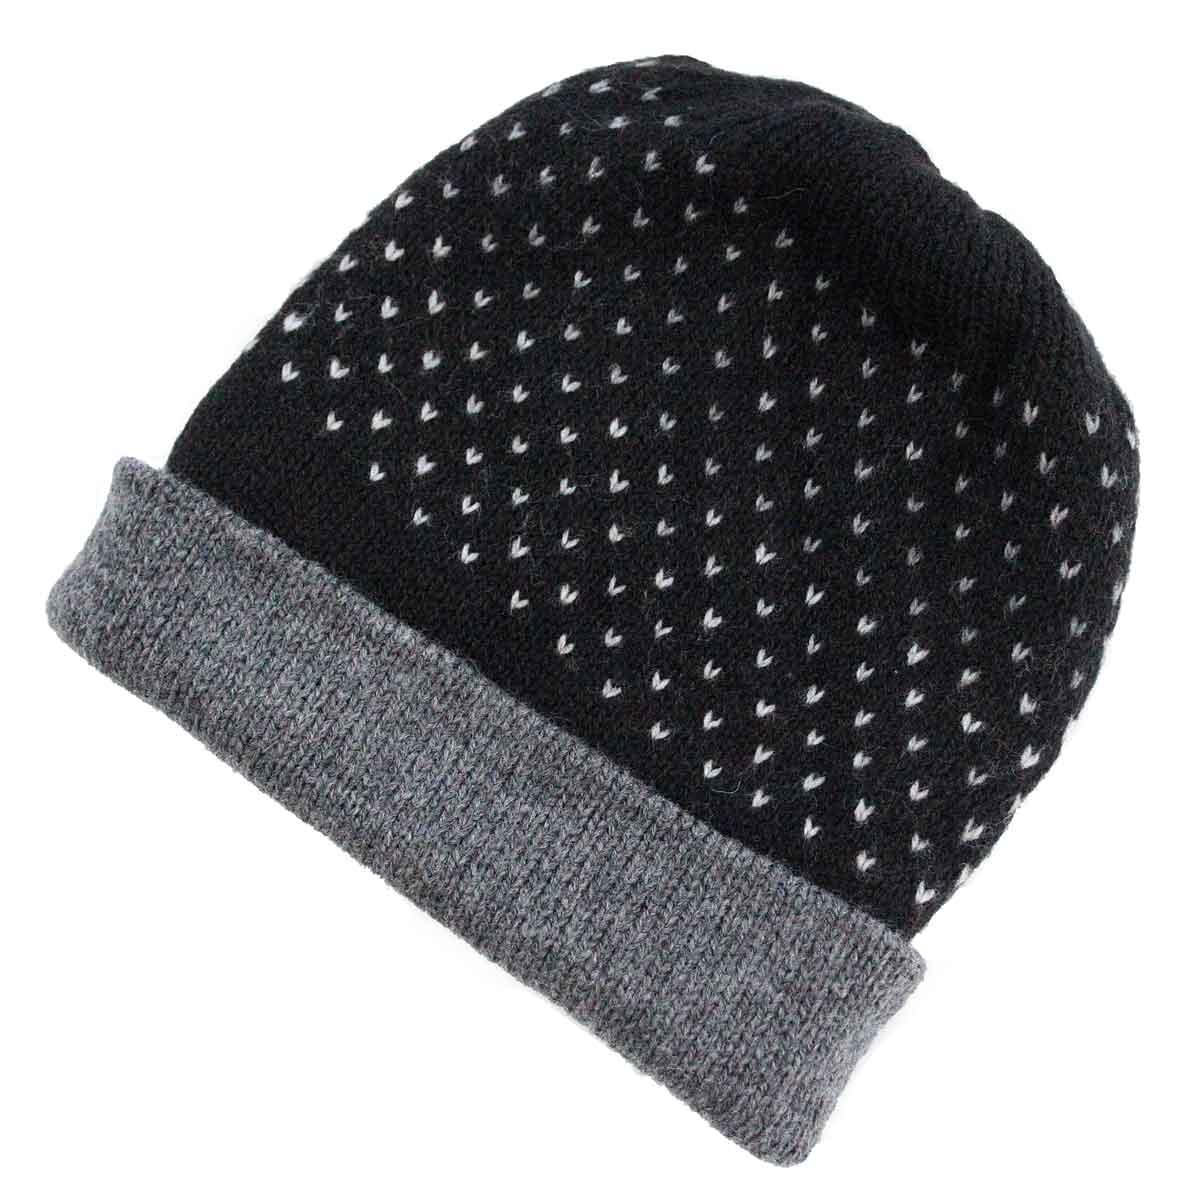 Inka-Products-Bonnet Réversible Alpaga-Noir Points Blancs